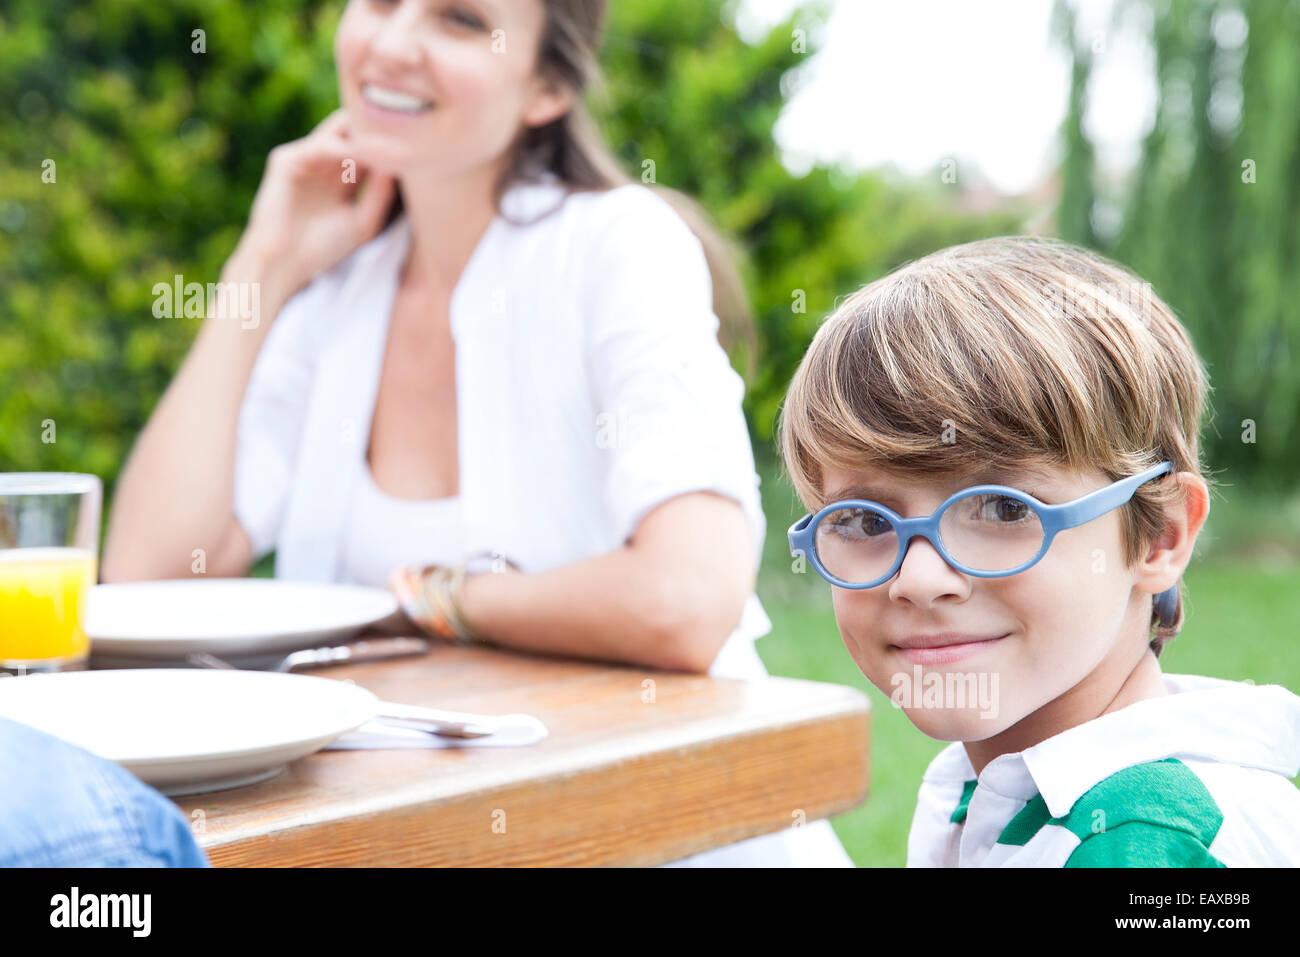 Petit garçon assis à table d'extérieur avec la famille, smiling at camera Photo Stock